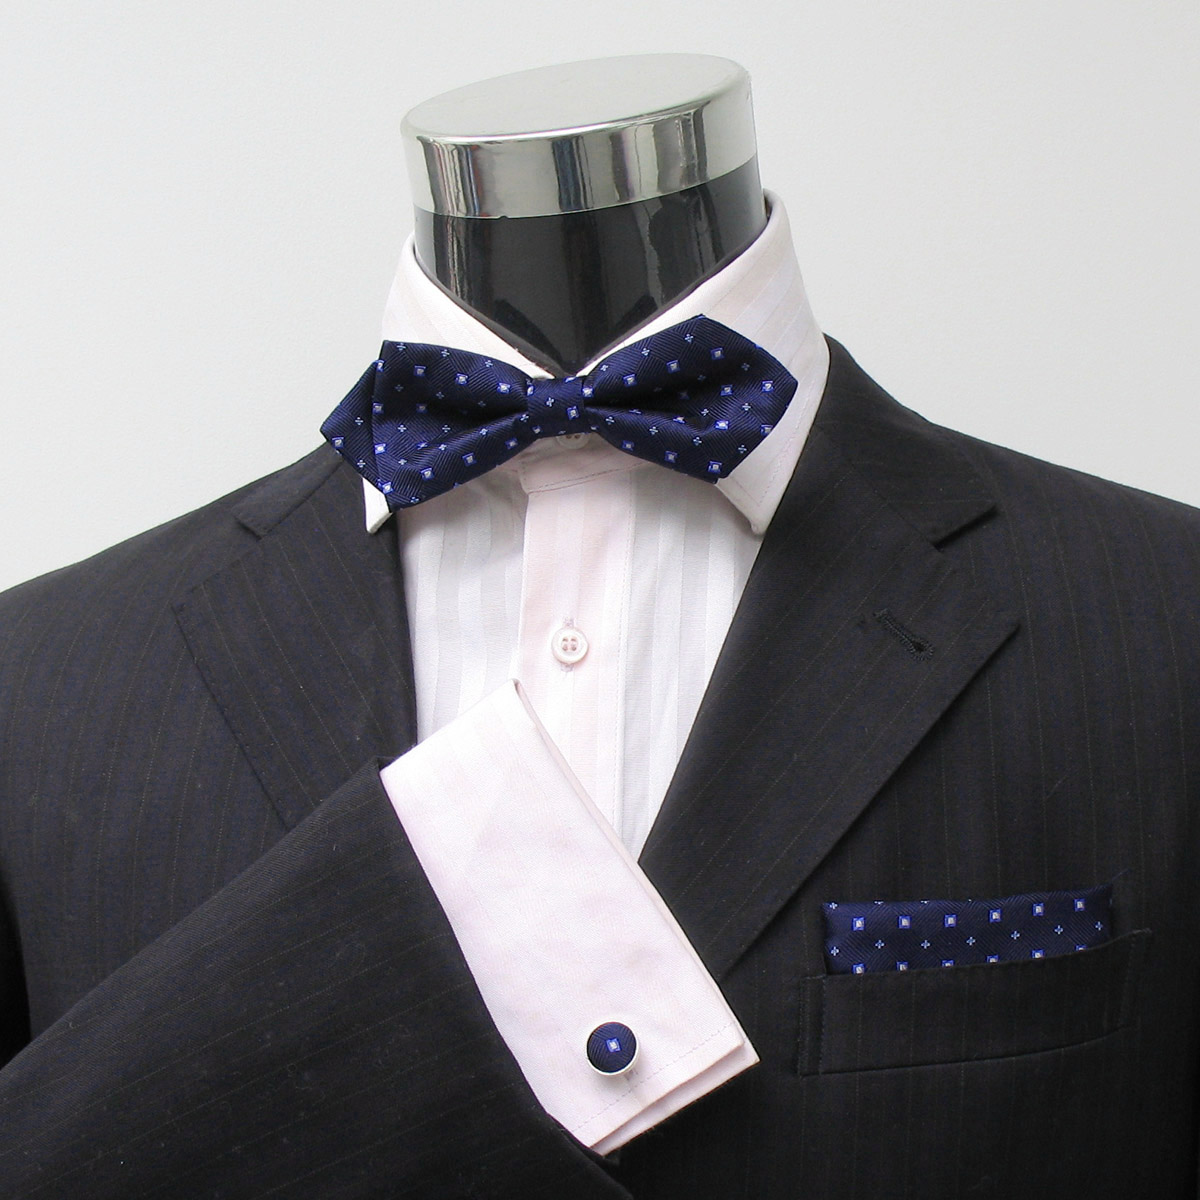 新郎领结 韩版男士高档真丝口袋巾袖扣 礼服领带 英伦领结A-825